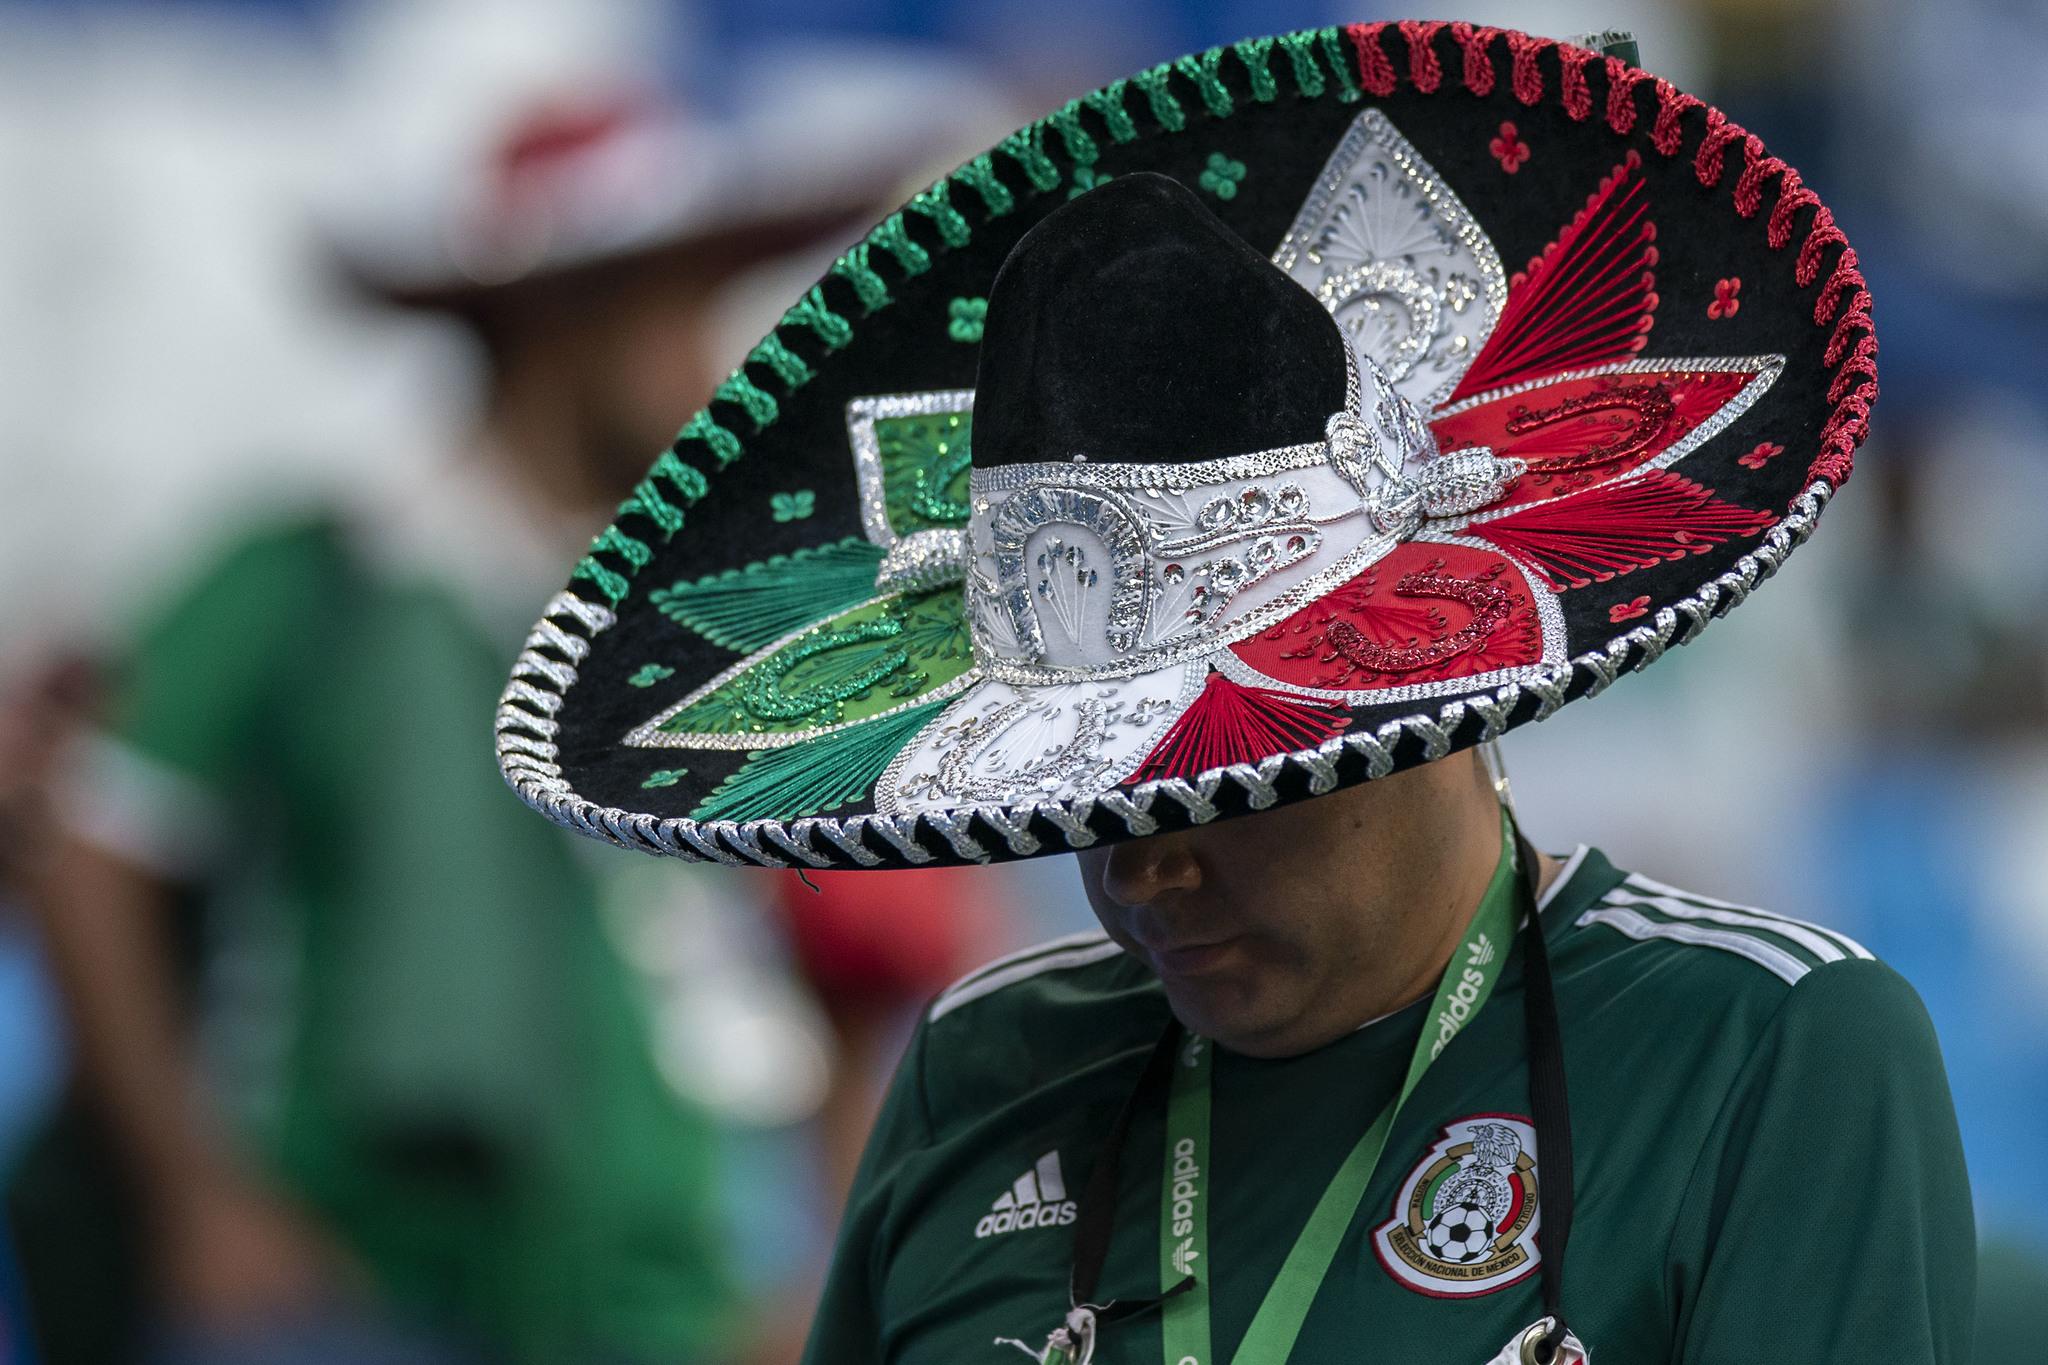 Mundial 2018 Rusia  Aficionados mexicanos dejan sombreros de ... 6f84998f31f